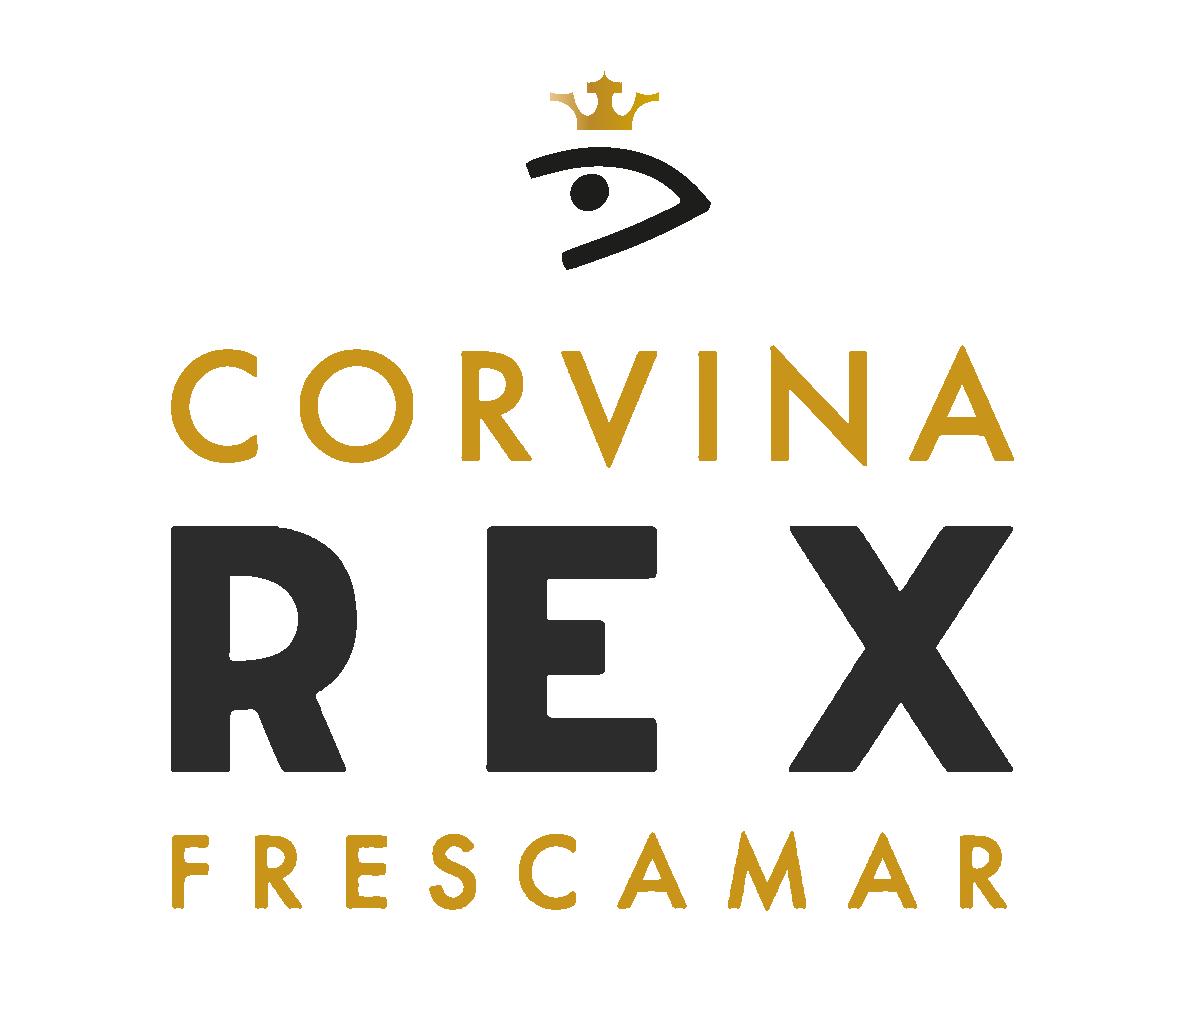 Frescamar